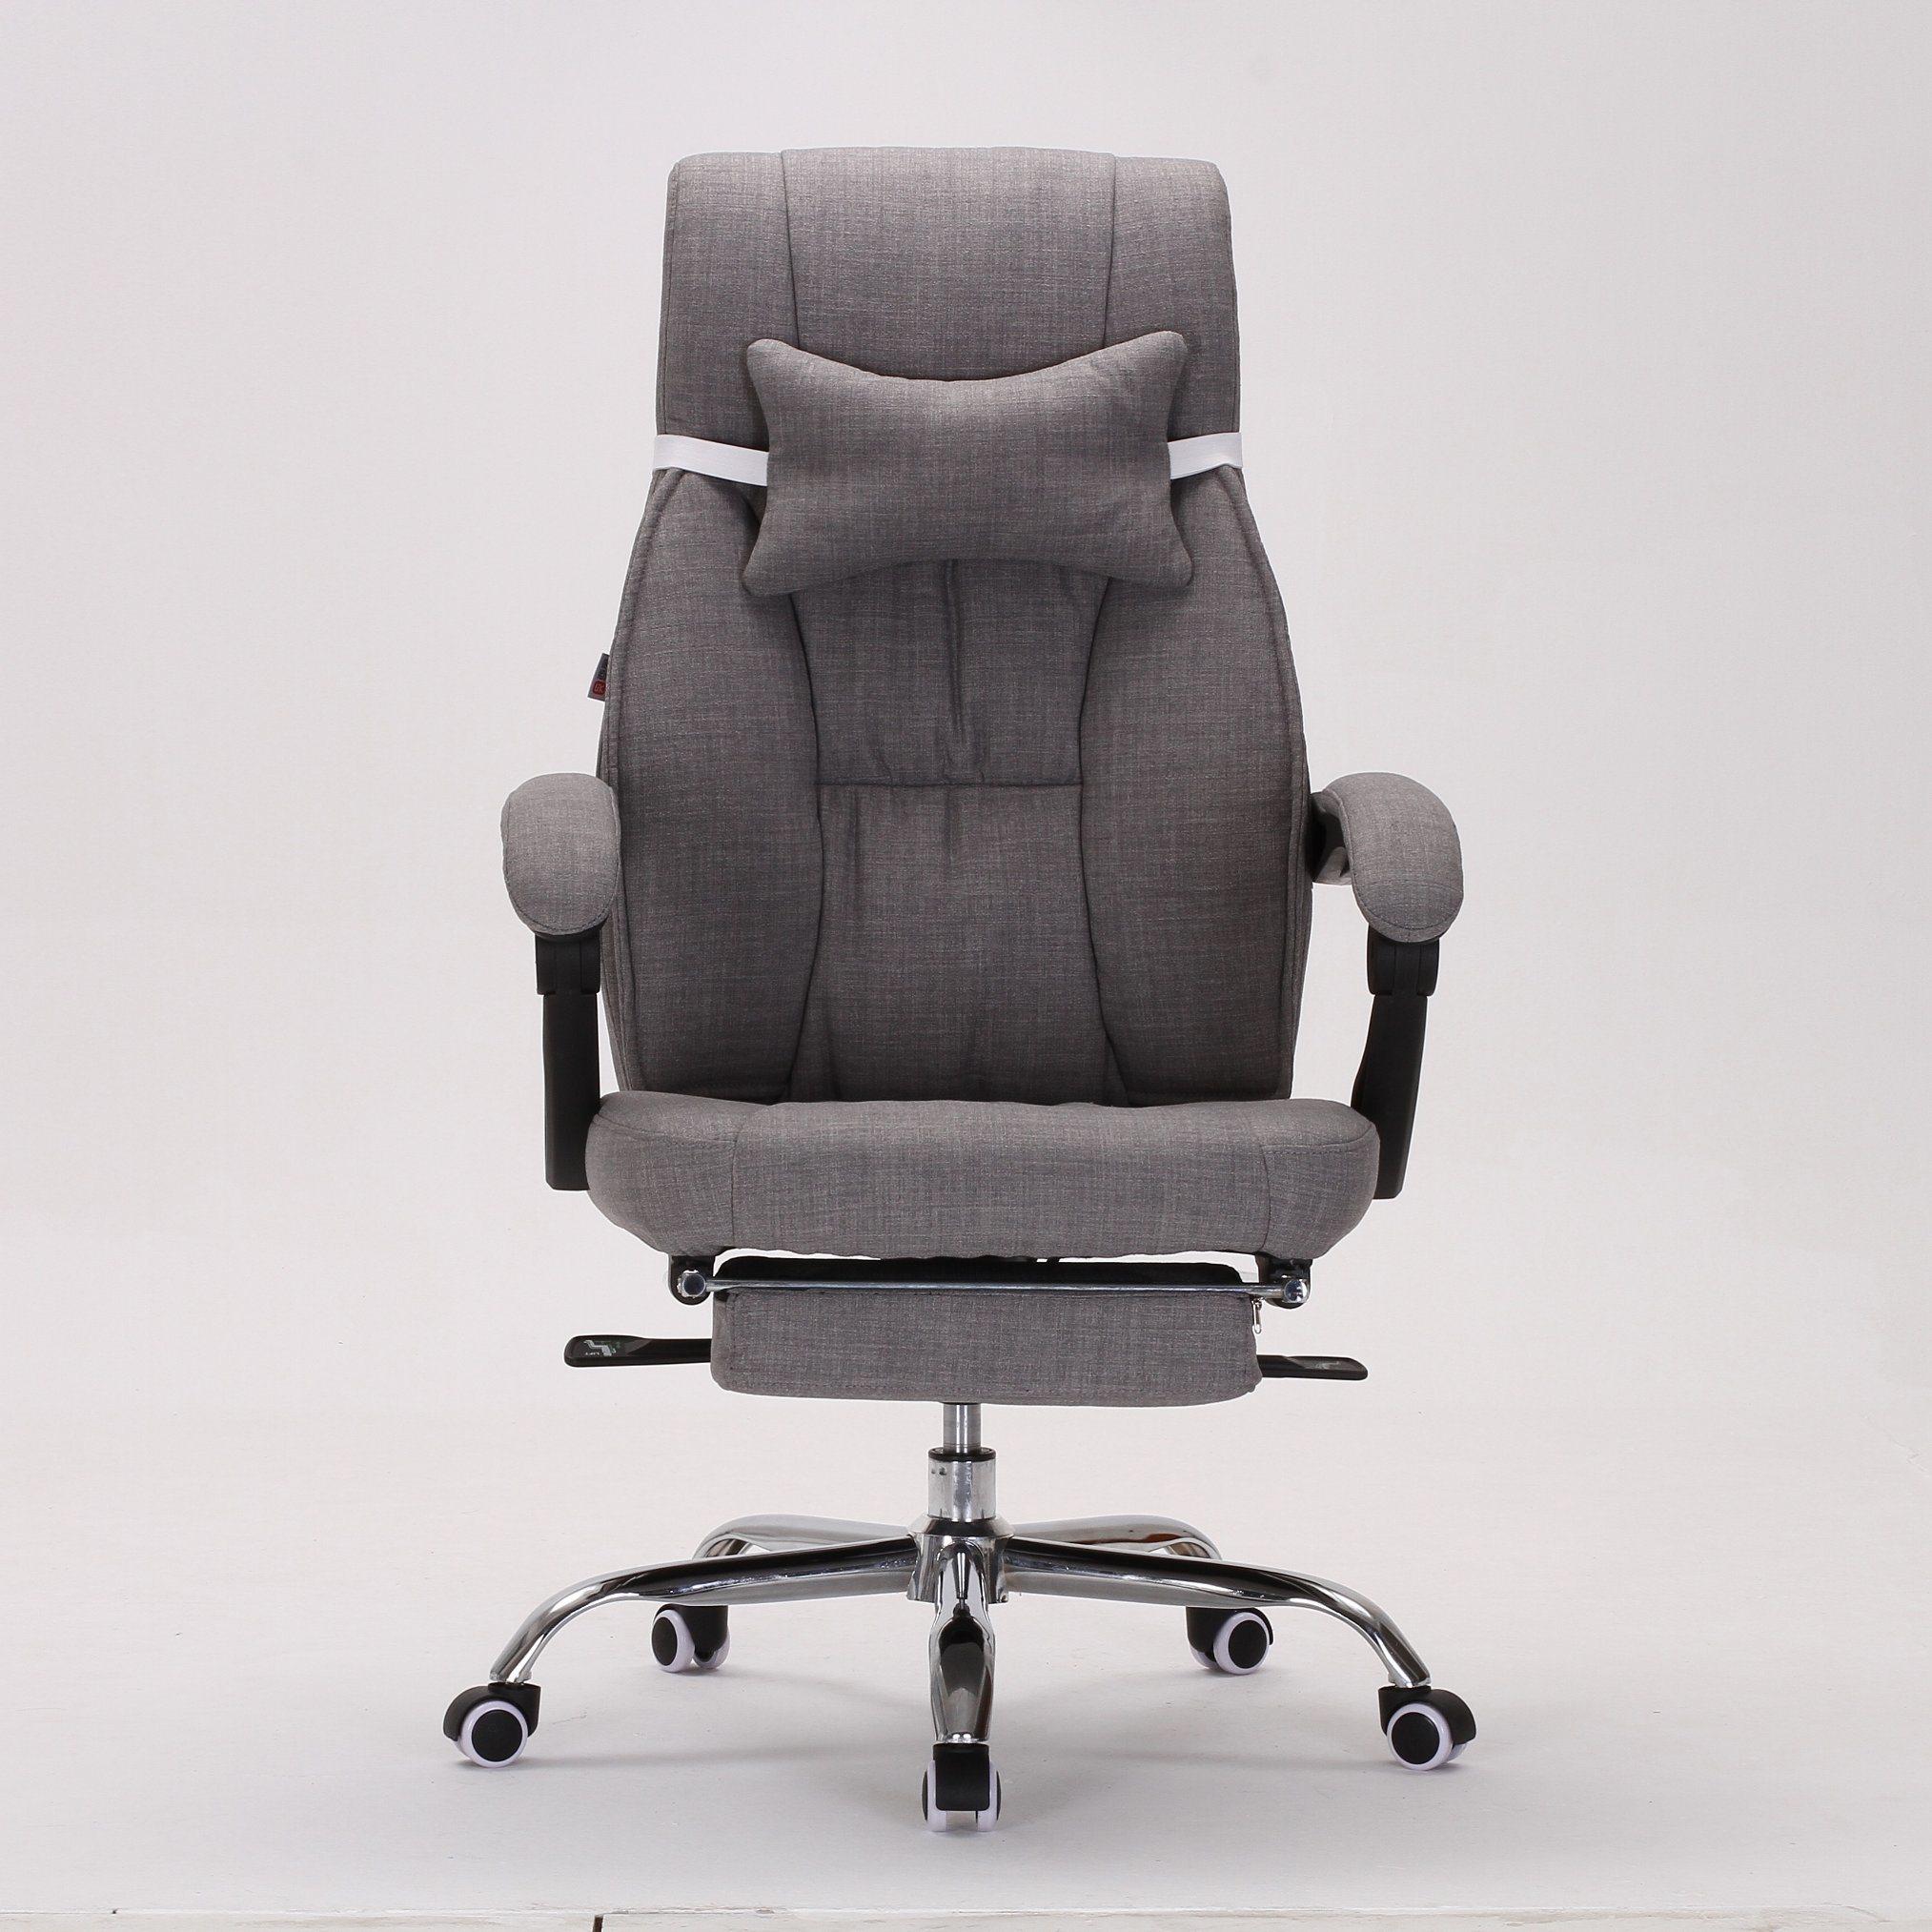 Smugchair Headrest Velvet Round Seat